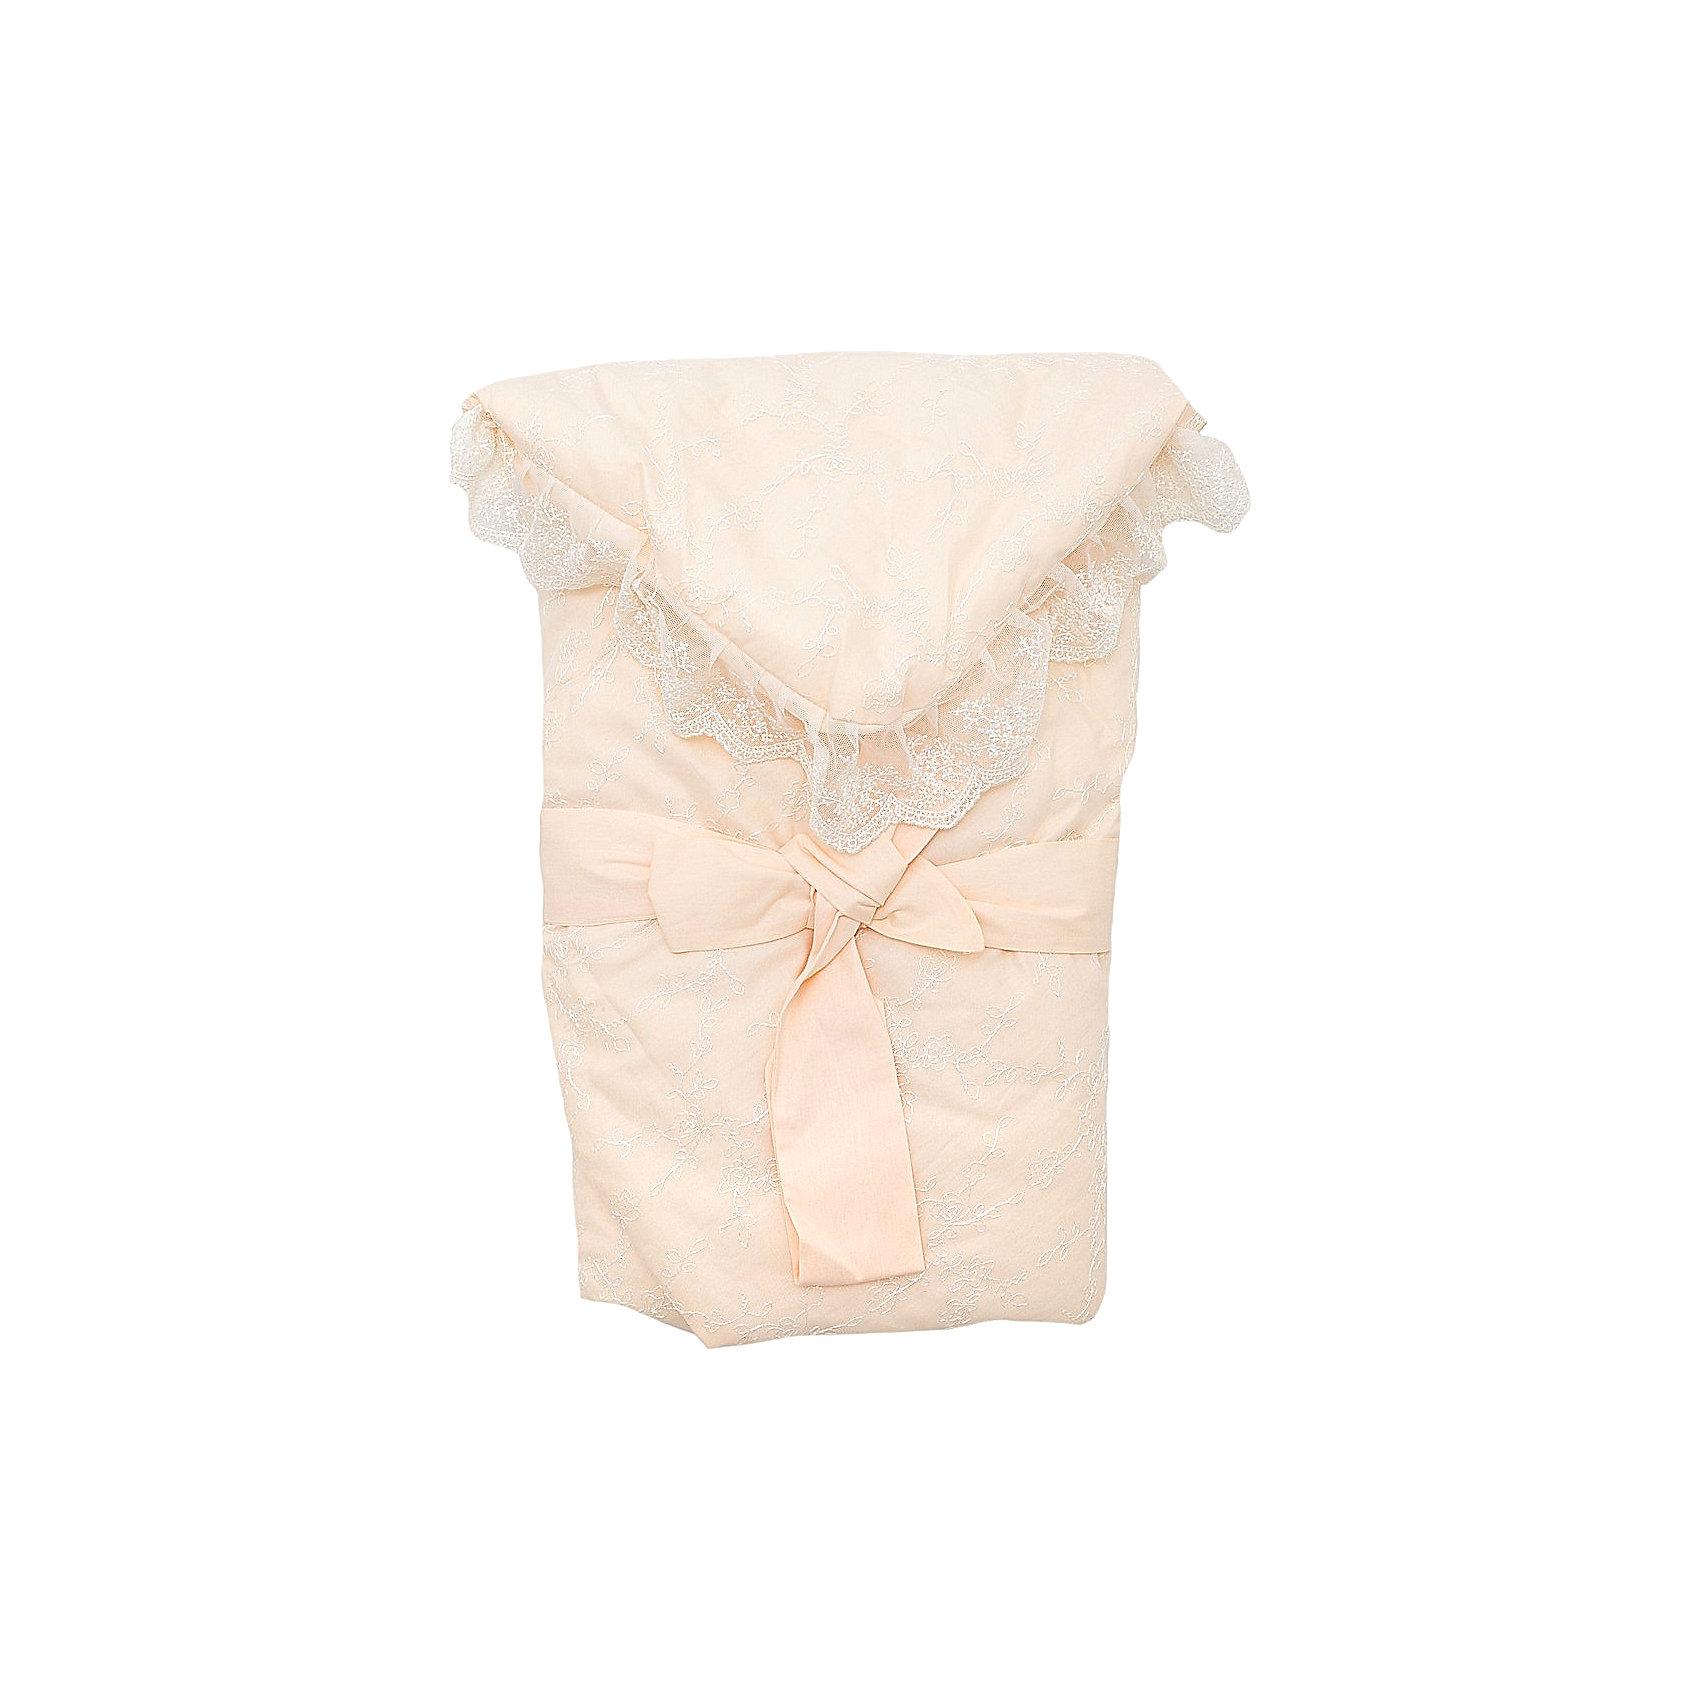 Конверт-одеяло на выписку Baby Nice, бежевыйКонверт-одеяло на выписку выполнен из высококачественных гипоаллергенных материалов, прекрасно сохраняет тепло и пропускает воздух, создавая комфортный микроклимат в любую погоду. Практичный конверт гарантирует  уют и удобство для мам и малышей. Идеальный вариант для новорожденных. <br><br>Дополнительная информация:<br><br>- Материал верха: сатин ( хлопок 100%).<br>- Наполнитель: файберпласт (200 гр.)<br>- Материал подкладки: сатин (100% хлопок).<br>- Декоративная резинкой-фиксатор.<br>- Размер: 84х86 см.<br>- Цвет: бежевый.<br>- Декоративные элементы: кружево.<br><br>Конверт-одеяло на выписку Baby Nice (Беби Найс), бежевый, можно купить в нашем магазине.<br><br>Ширина мм: 50<br>Глубина мм: 5<br>Высота мм: 90<br>Вес г: 500<br>Возраст от месяцев: 0<br>Возраст до месяцев: 60<br>Пол: Унисекс<br>Возраст: Детский<br>SKU: 4058293